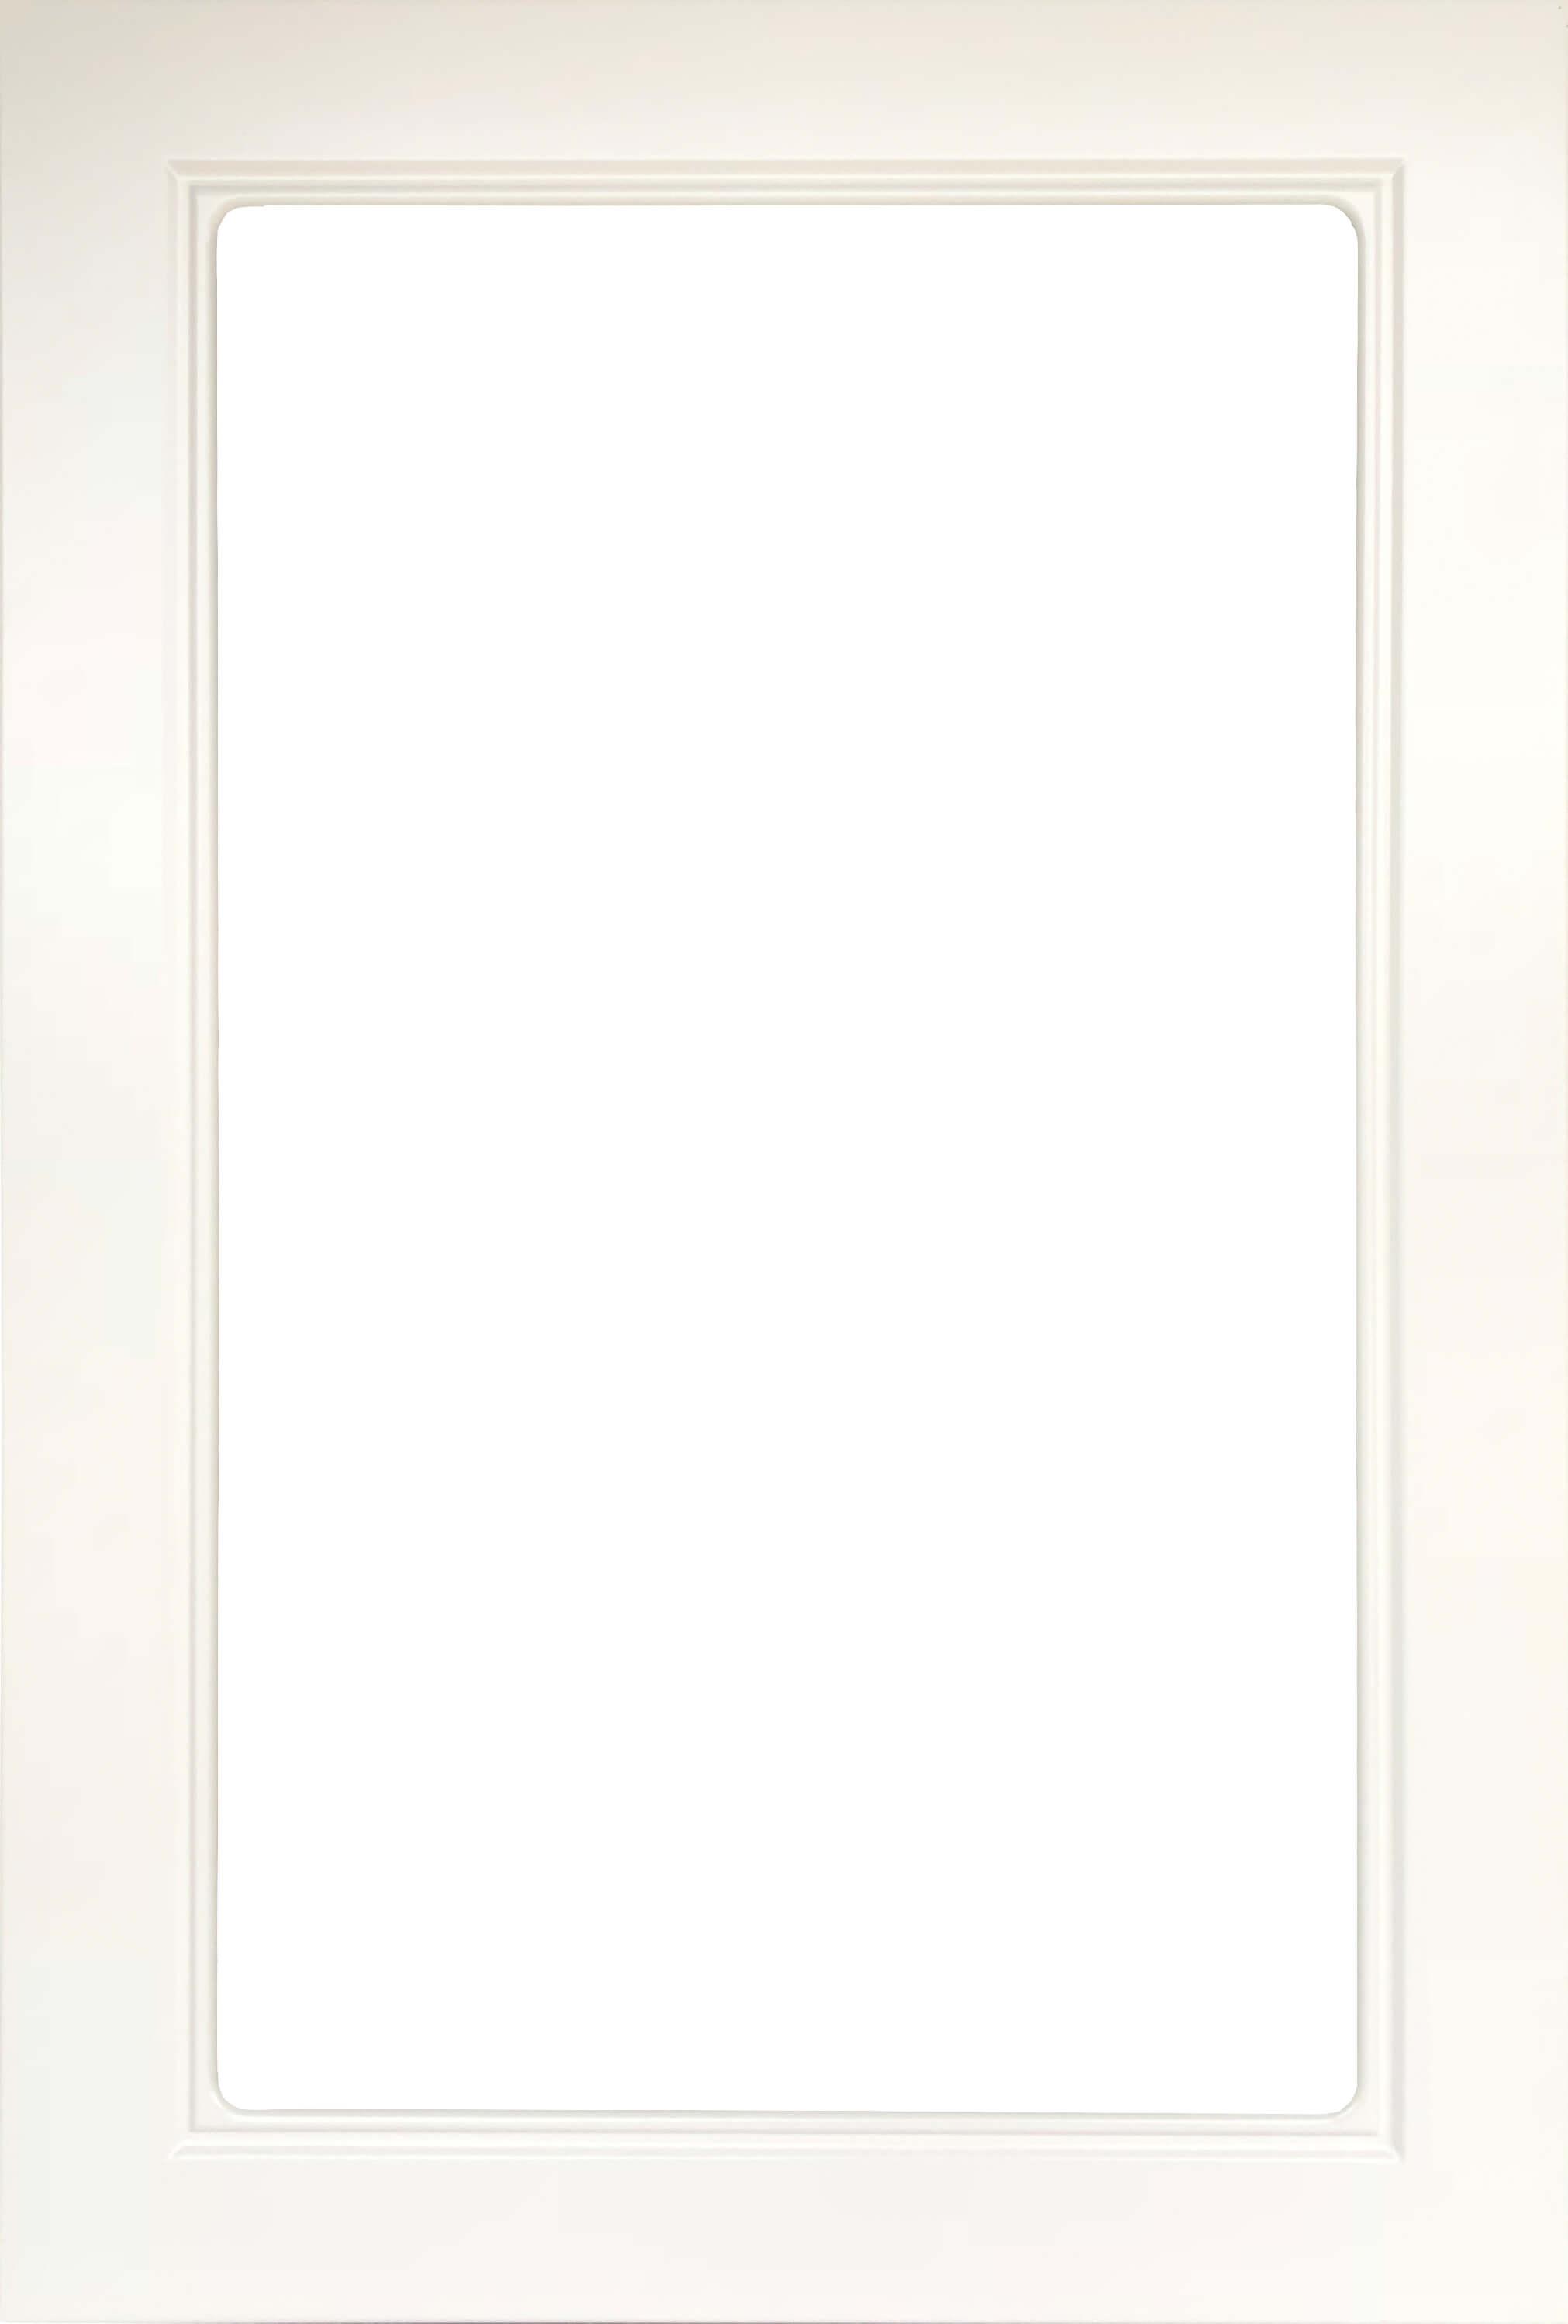 ikea hittarp vitrinentür küchenfront 40x60cm weiß 302.599.79-30259979